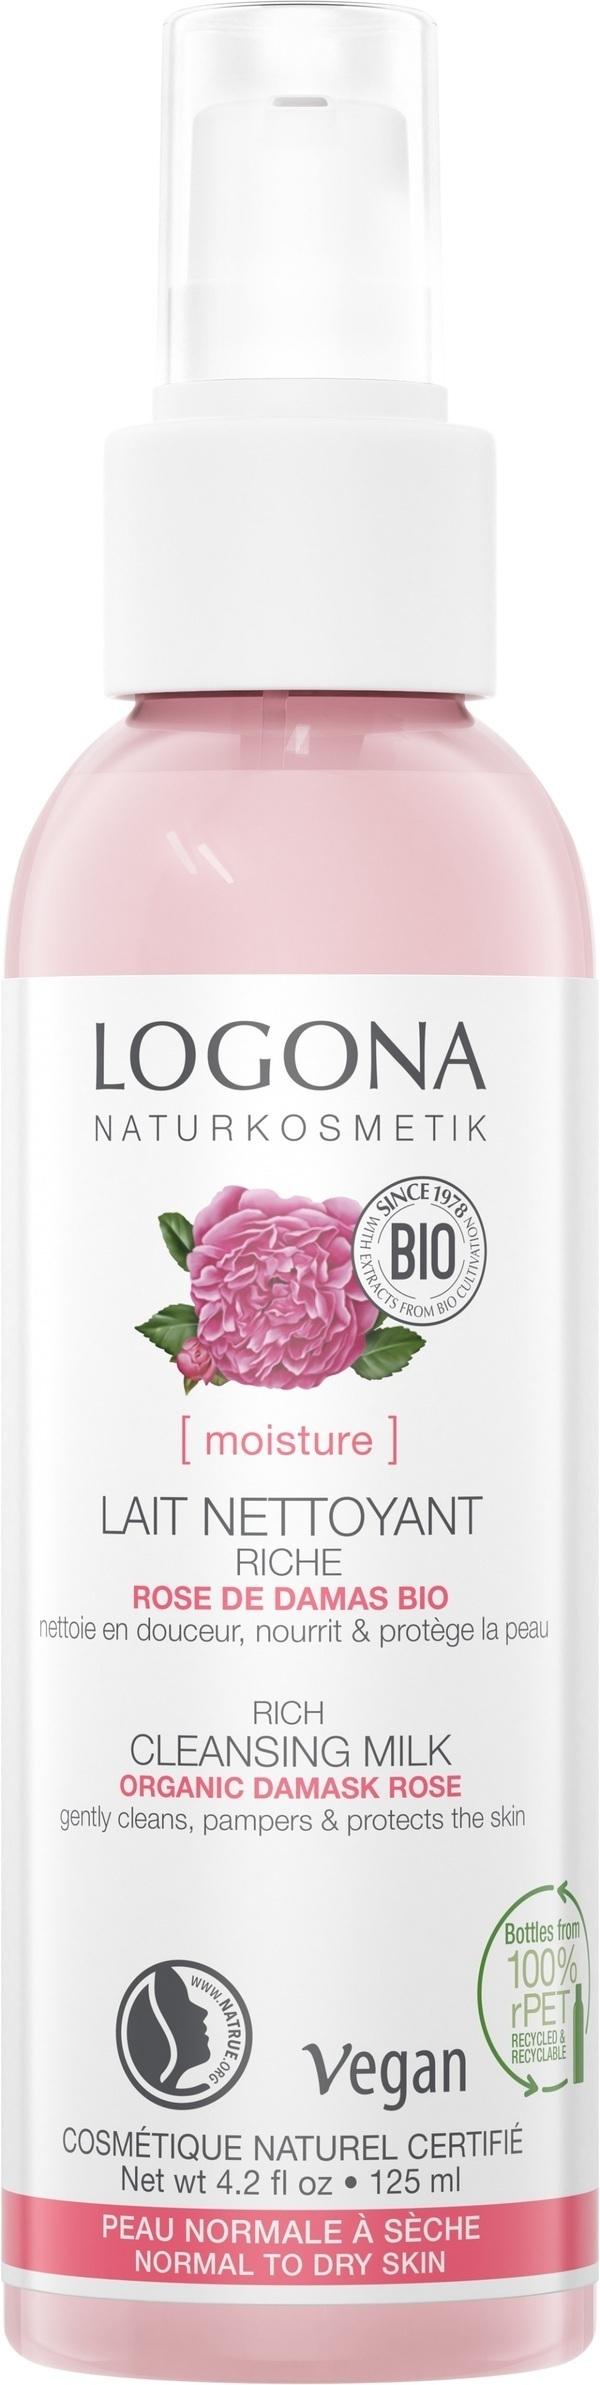 Logona - Lait Nettoyant Rose de damas